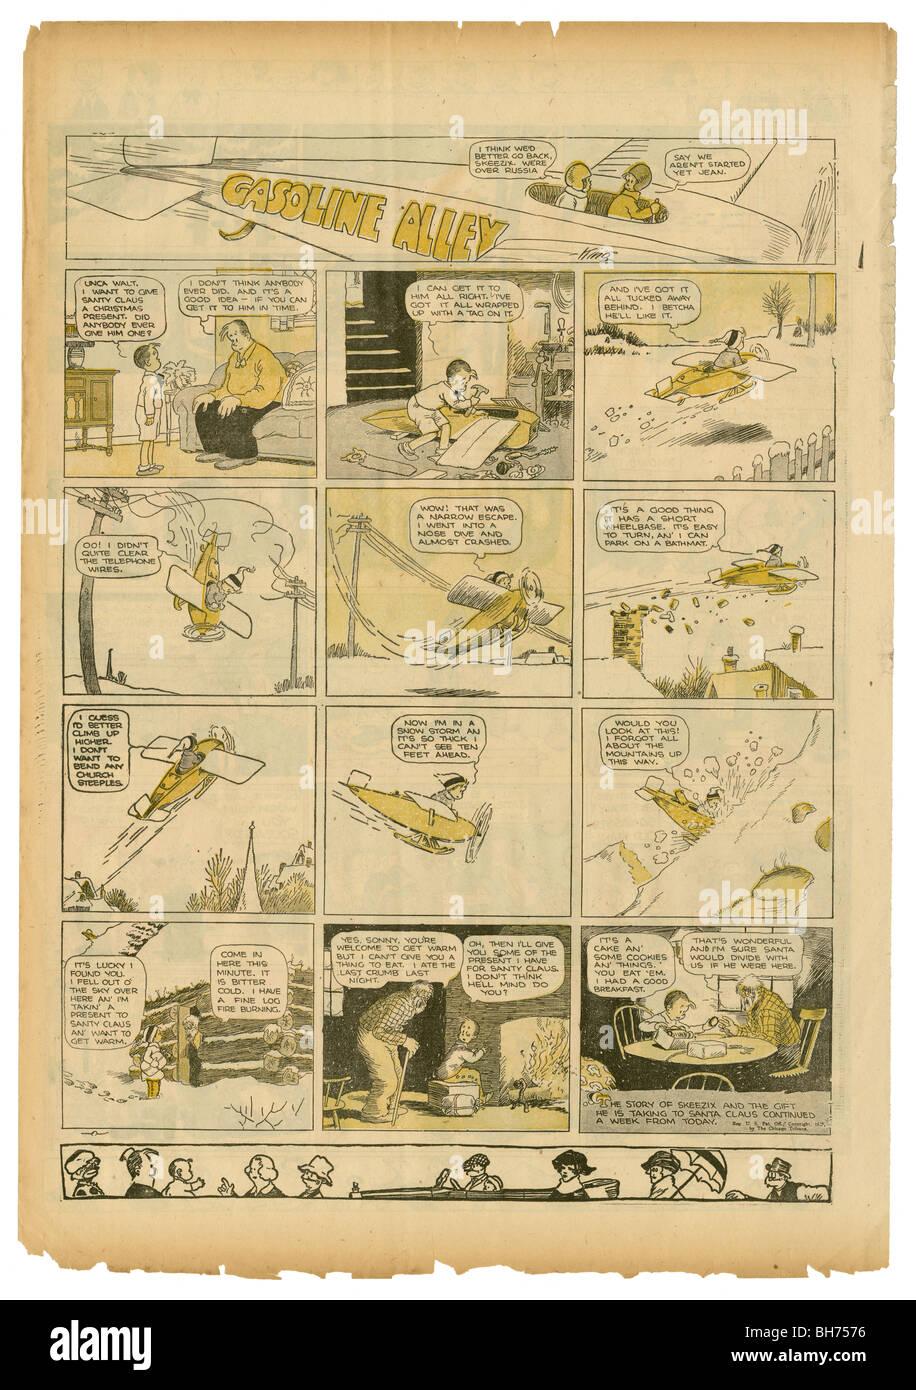 1927 Sonntag Comic-Strip, Gasoline Alley von Frank King. Stockbild